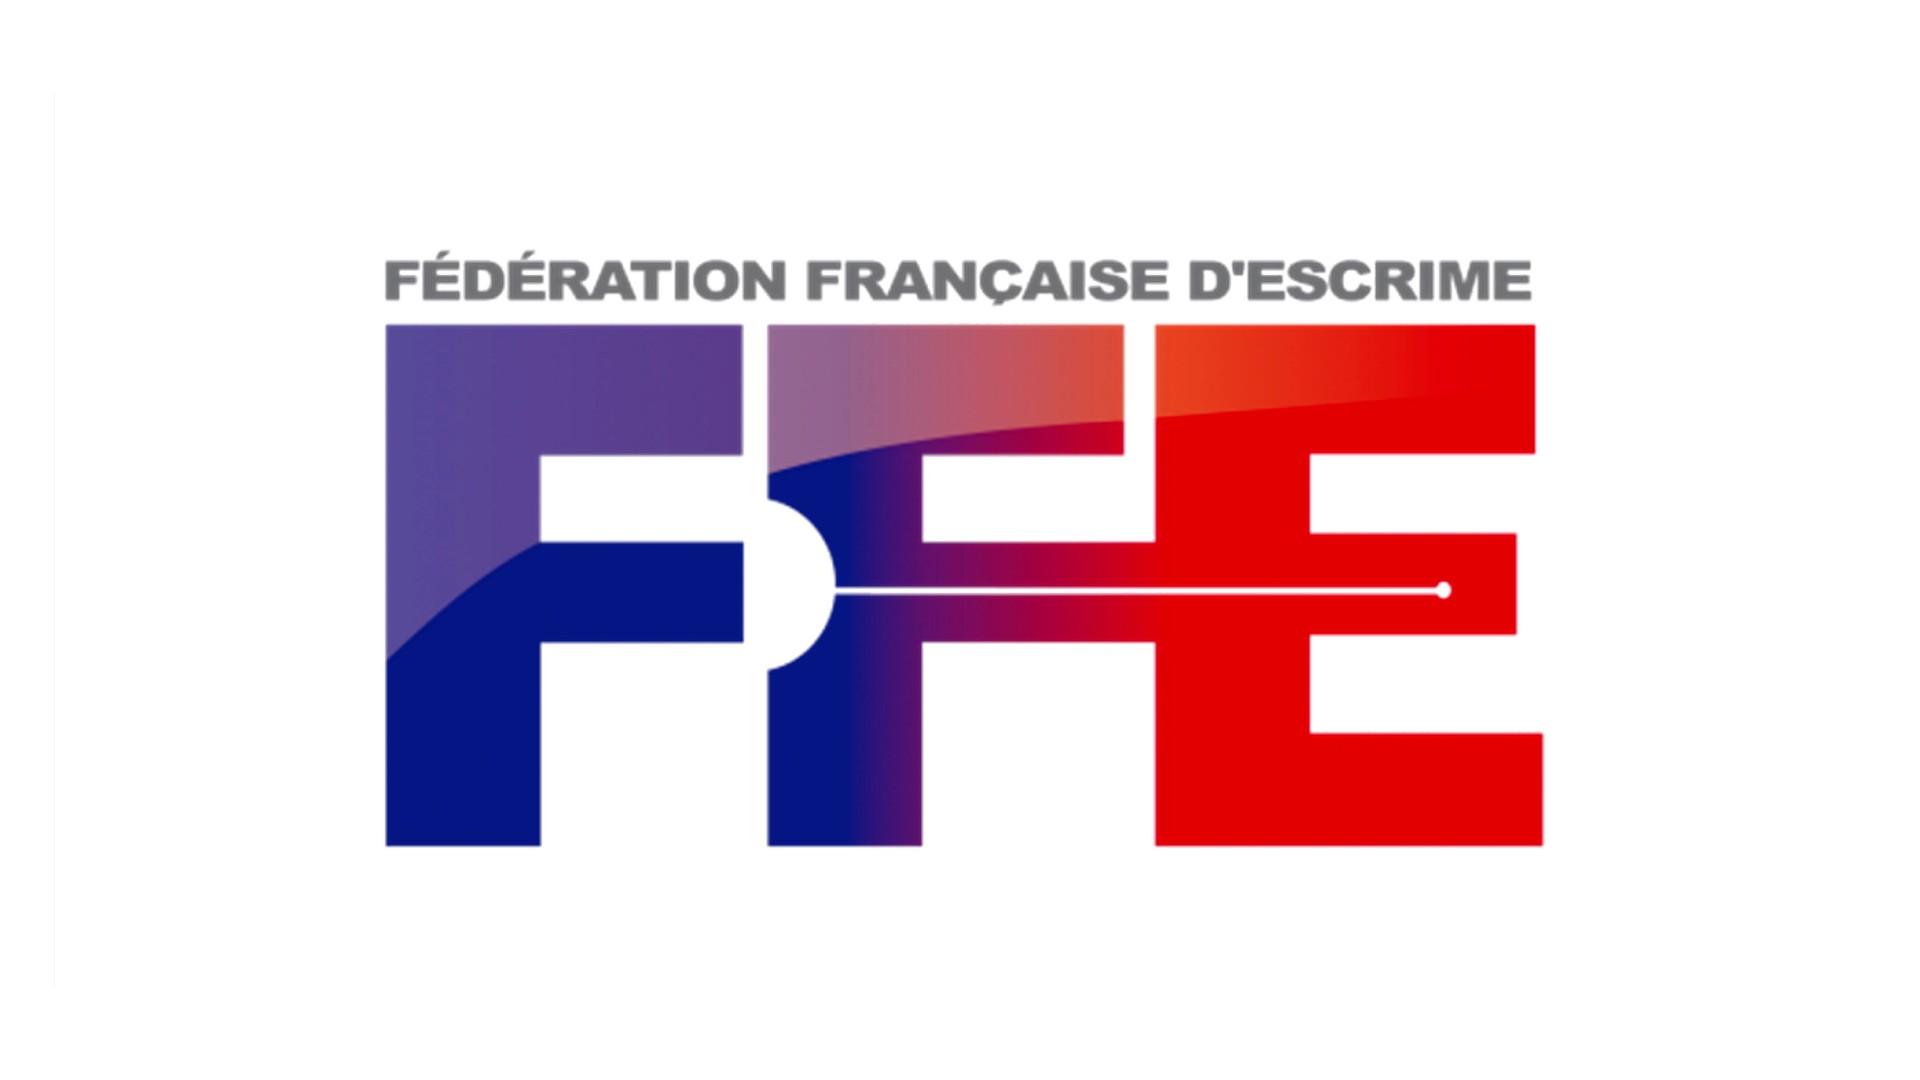 Fédération française d'escrime FFE (1) logo